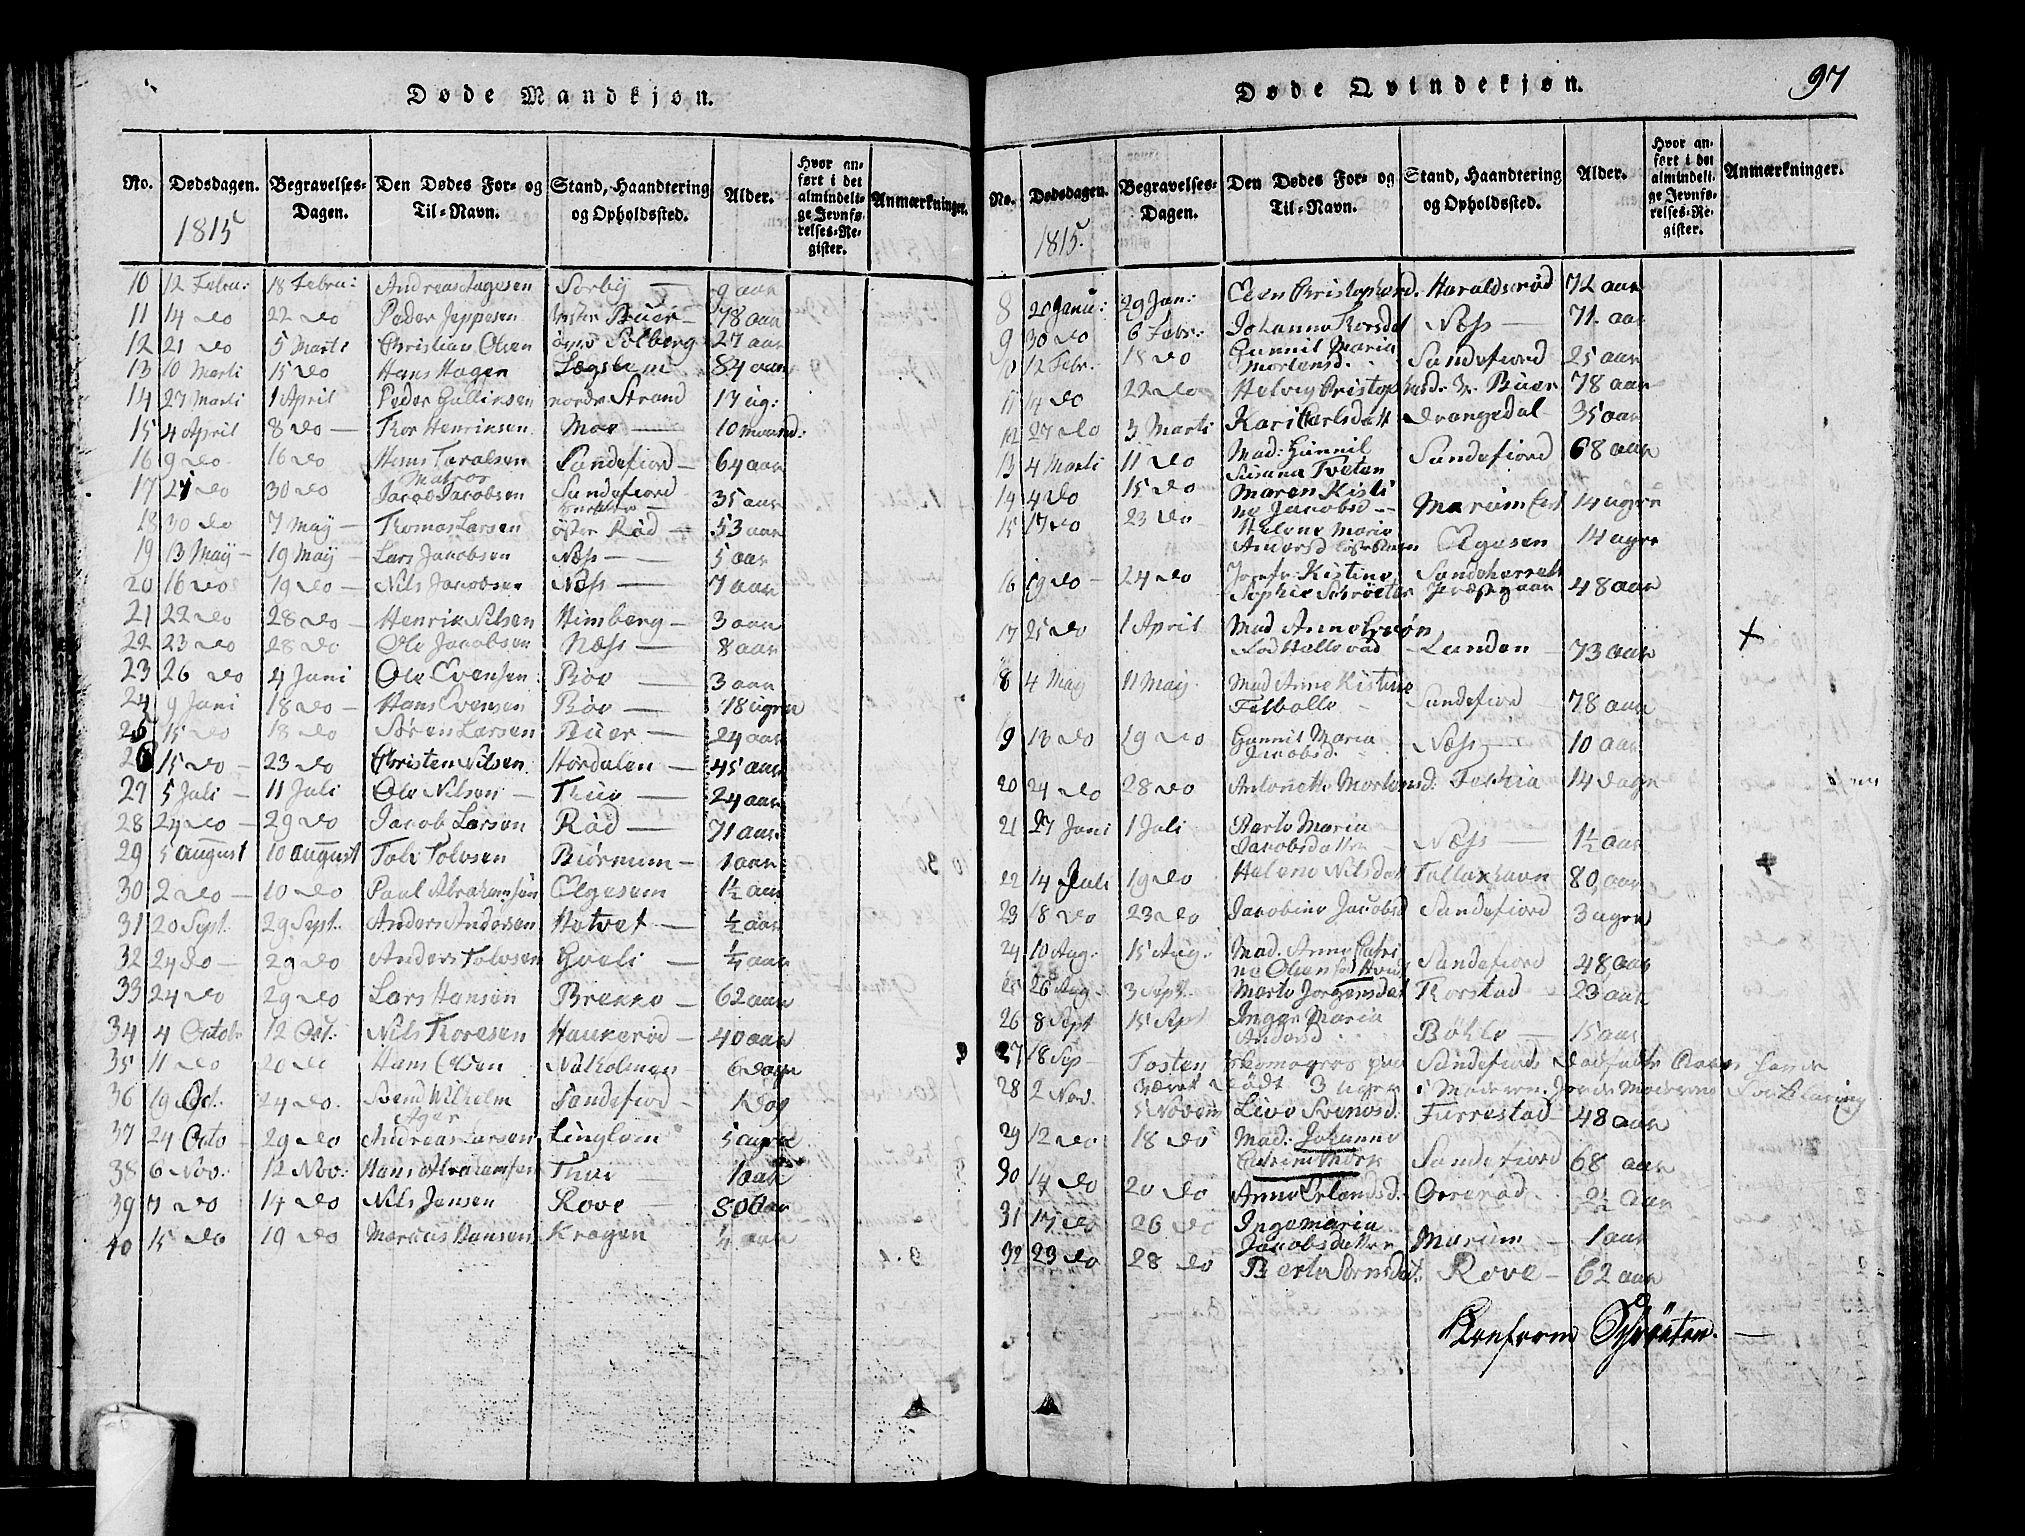 SAKO, Sandar kirkebøker, G/Ga/L0001: Klokkerbok nr. 1, 1814-1835, s. 97